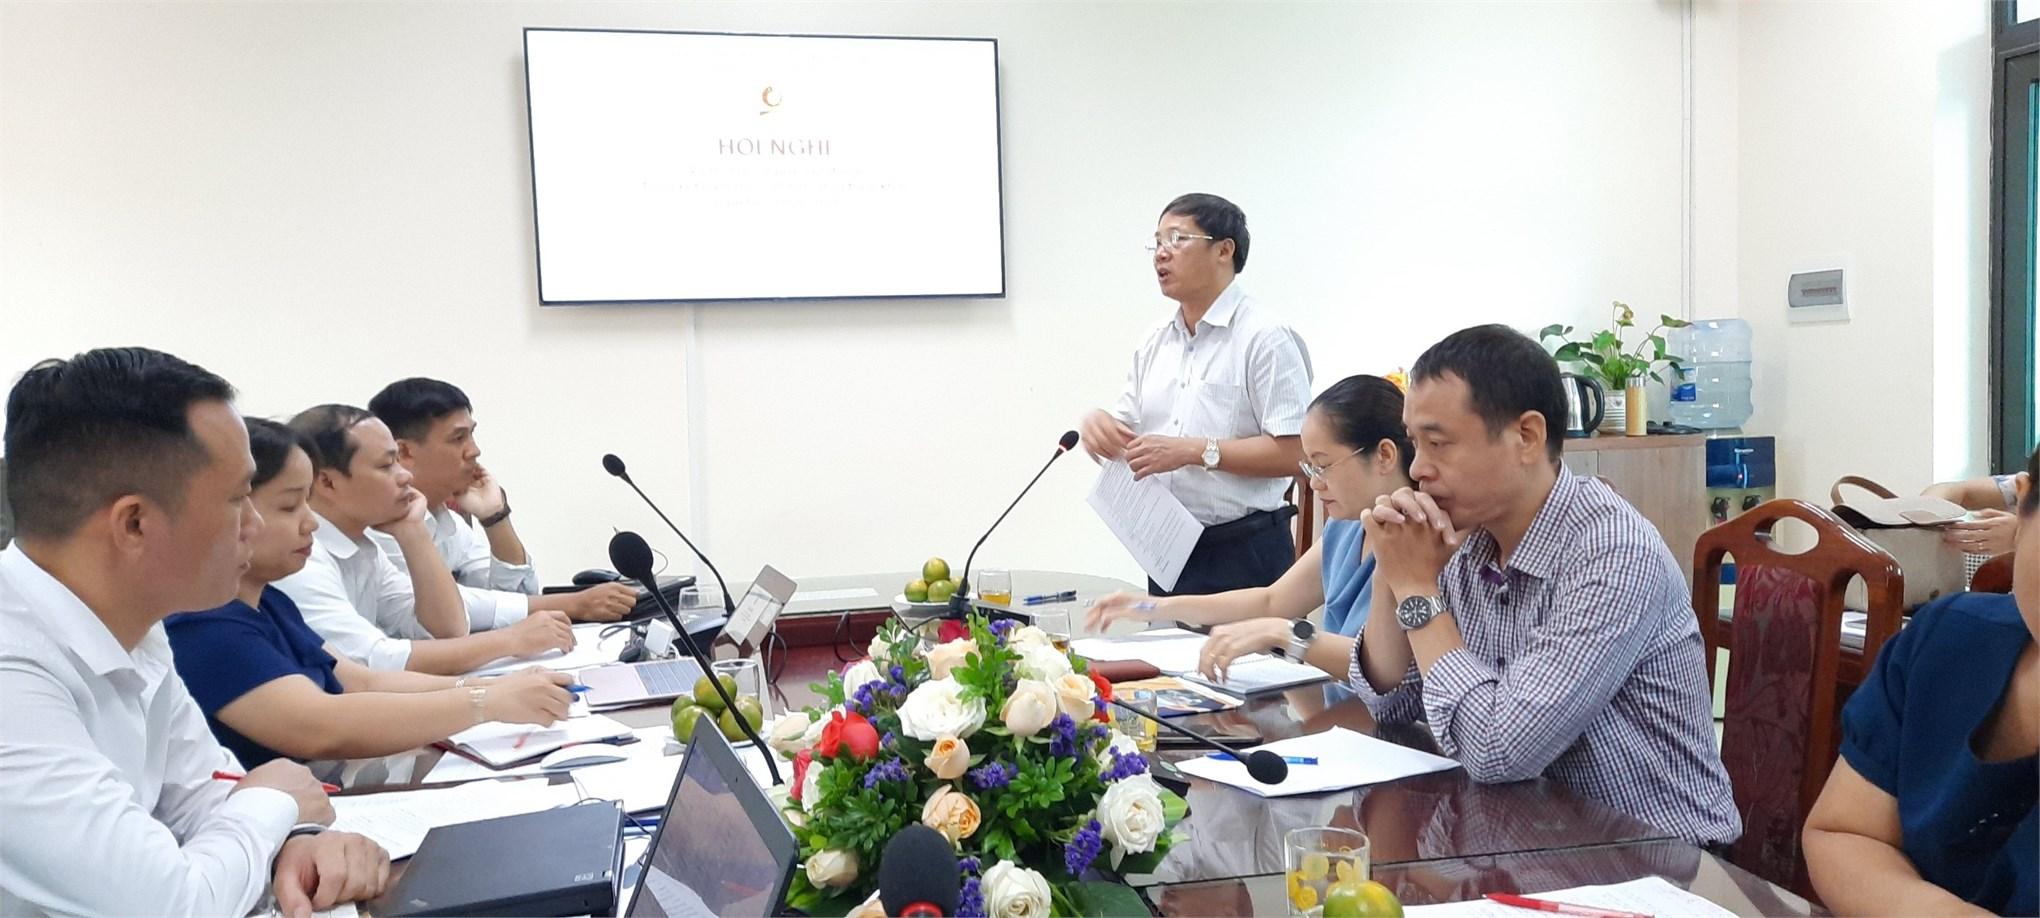 Hội nghị viên chức, người lao động tổng kết năm học 2019-2020 và triển khai nhiệm vụ năm học 2020-20212019-2020 Khoa Công nghệ Hóa